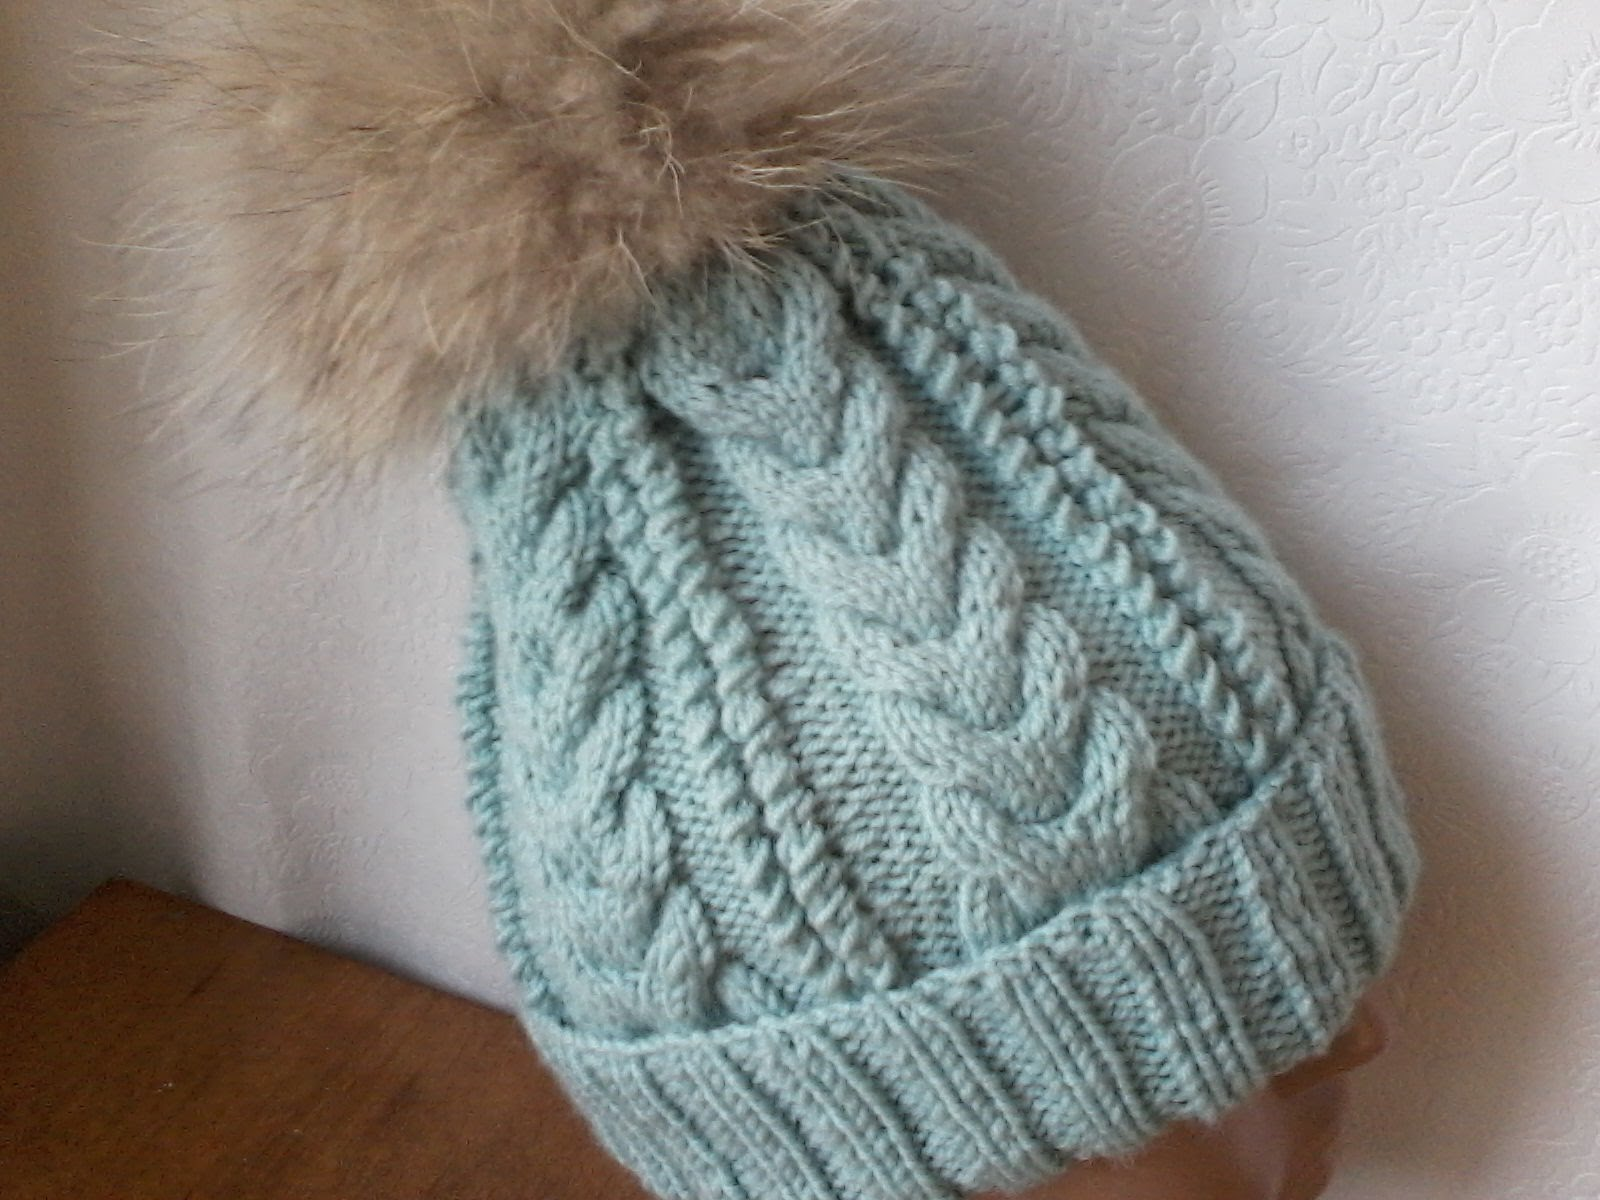 для вязания шапок спицами можно использовать различные схемы узоров